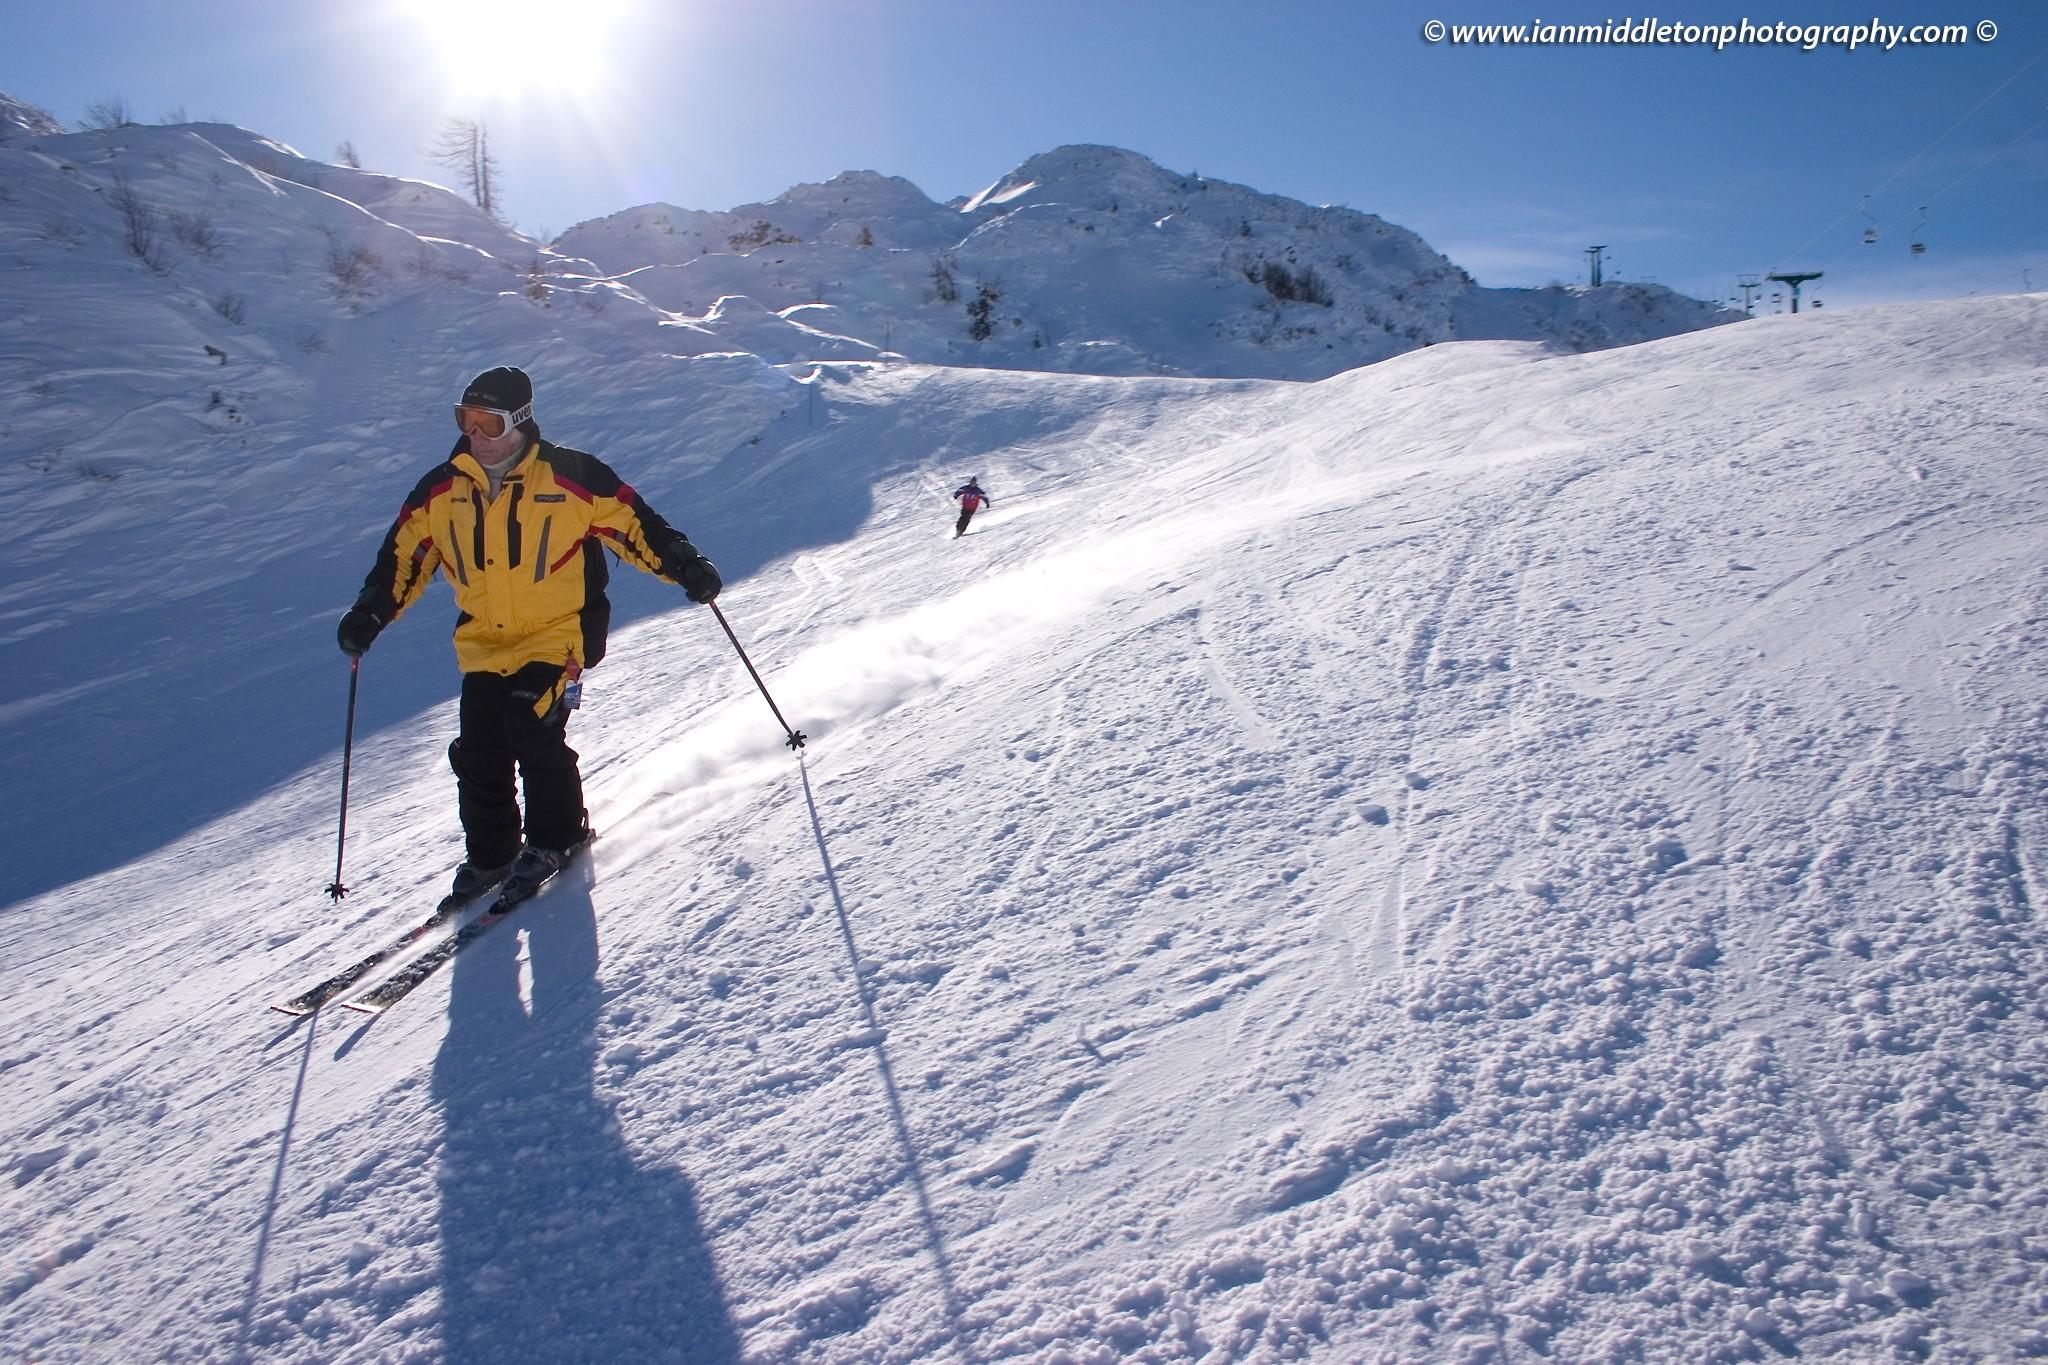 Skier on Vogel ski resort in Slovenia.